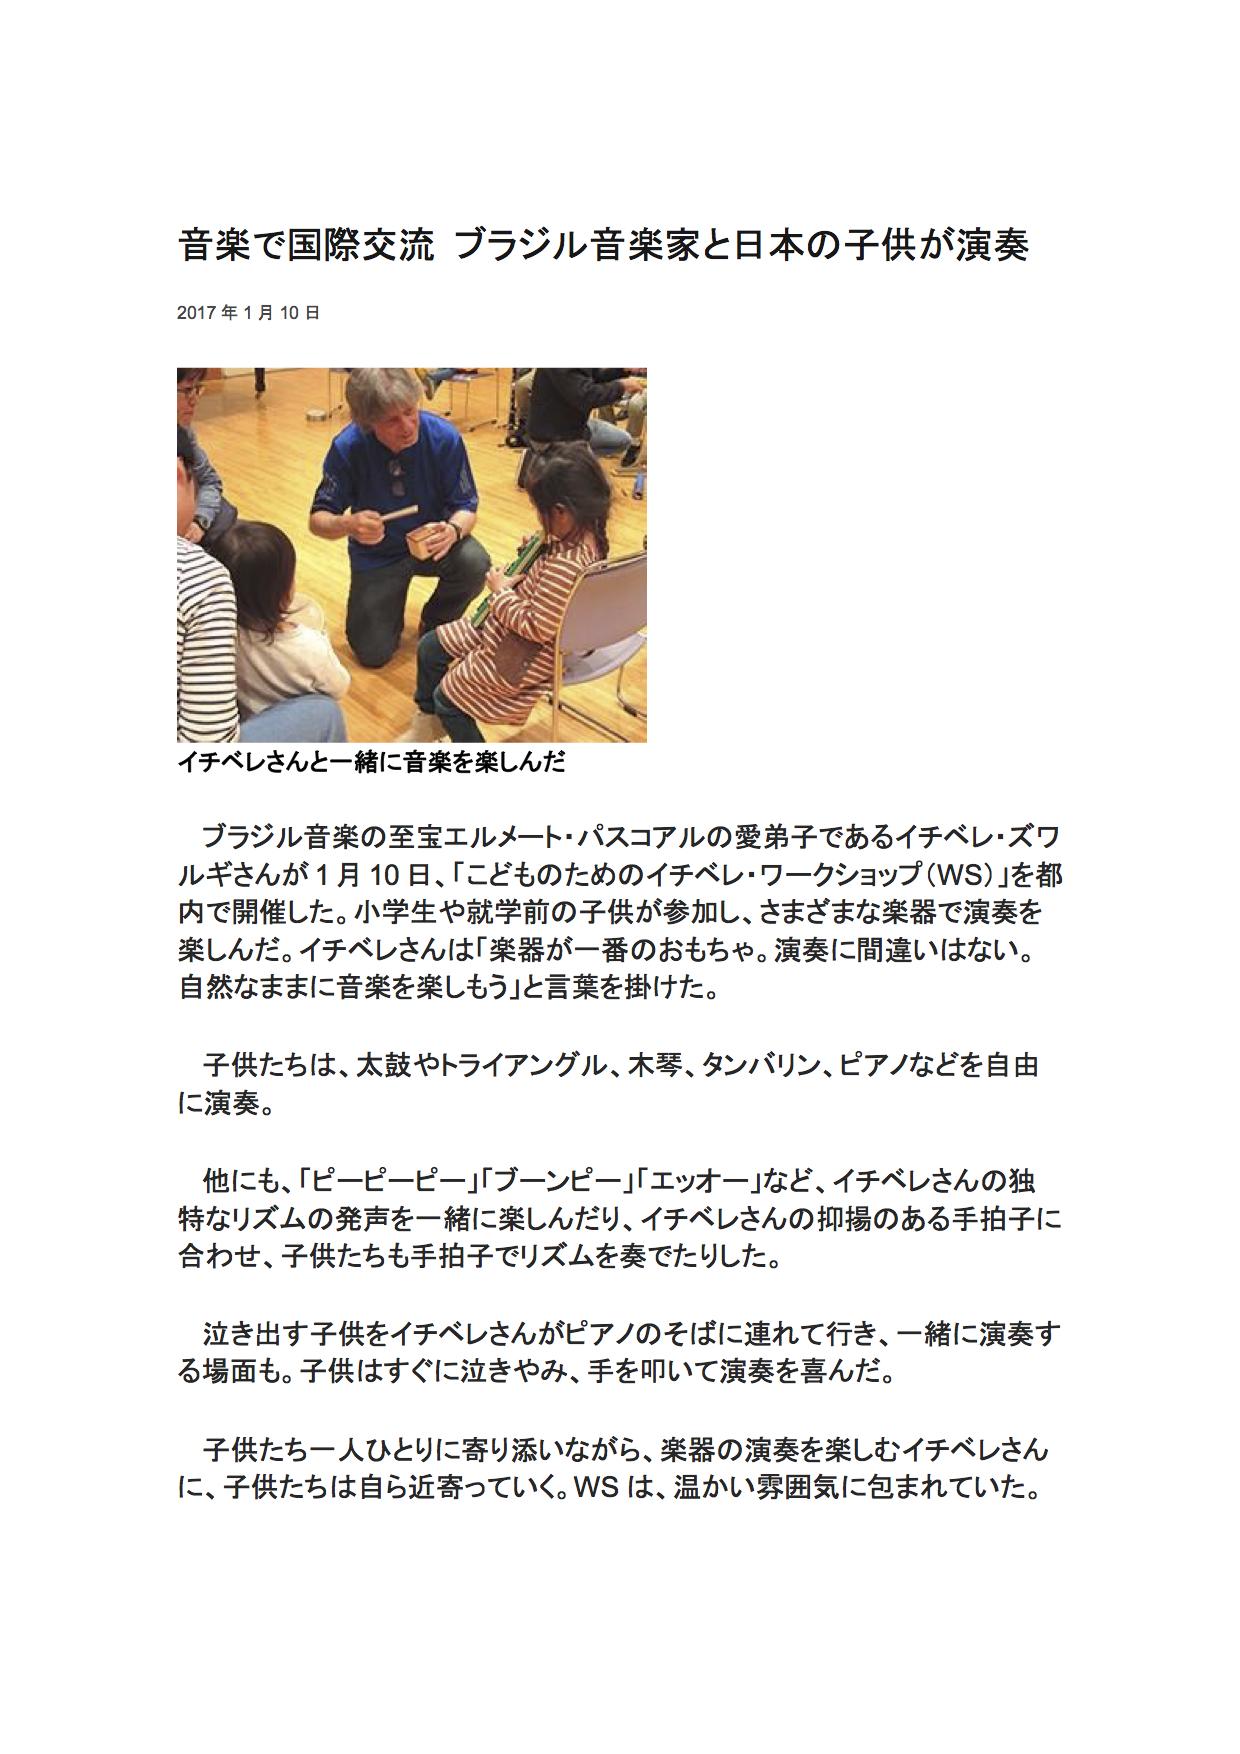 イチベレ教育新聞